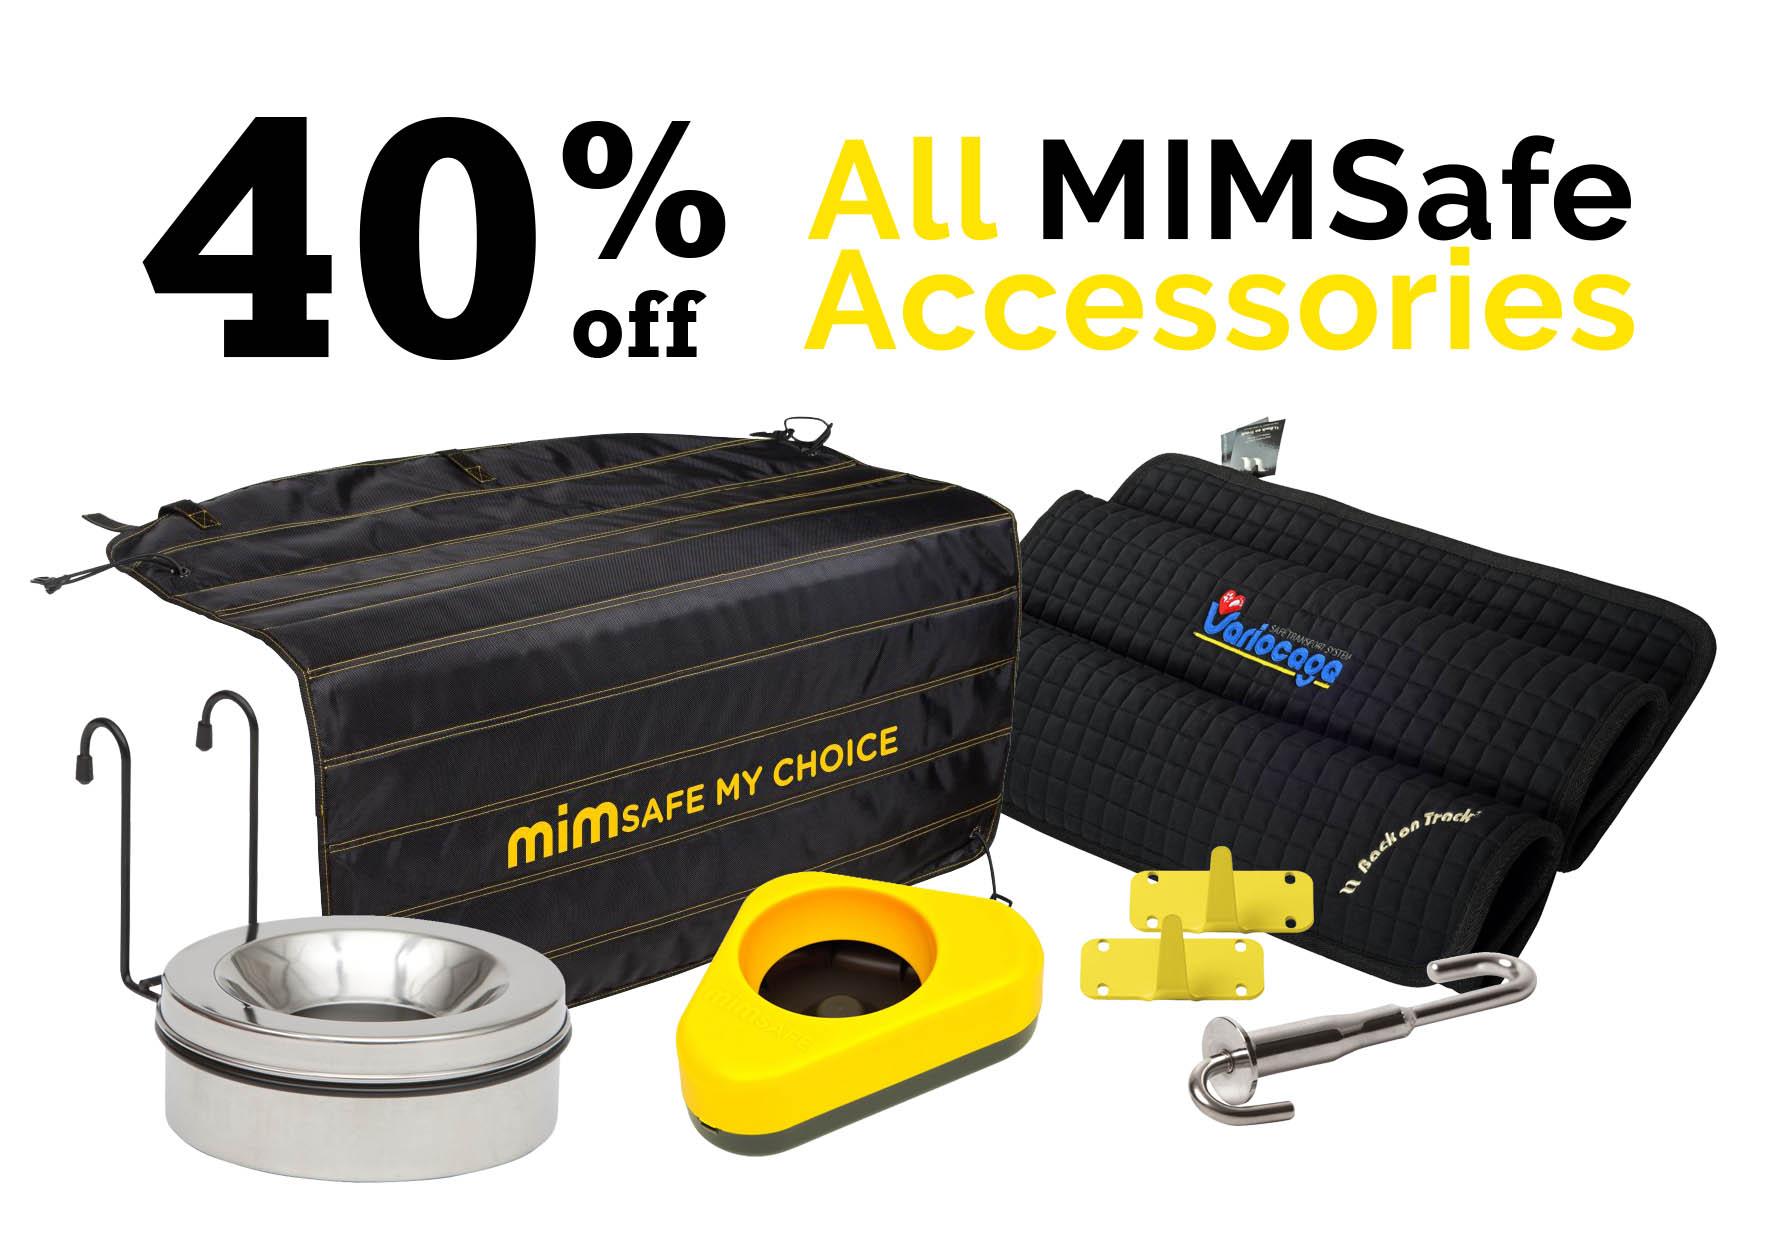 MIMSafe Accessories Offer